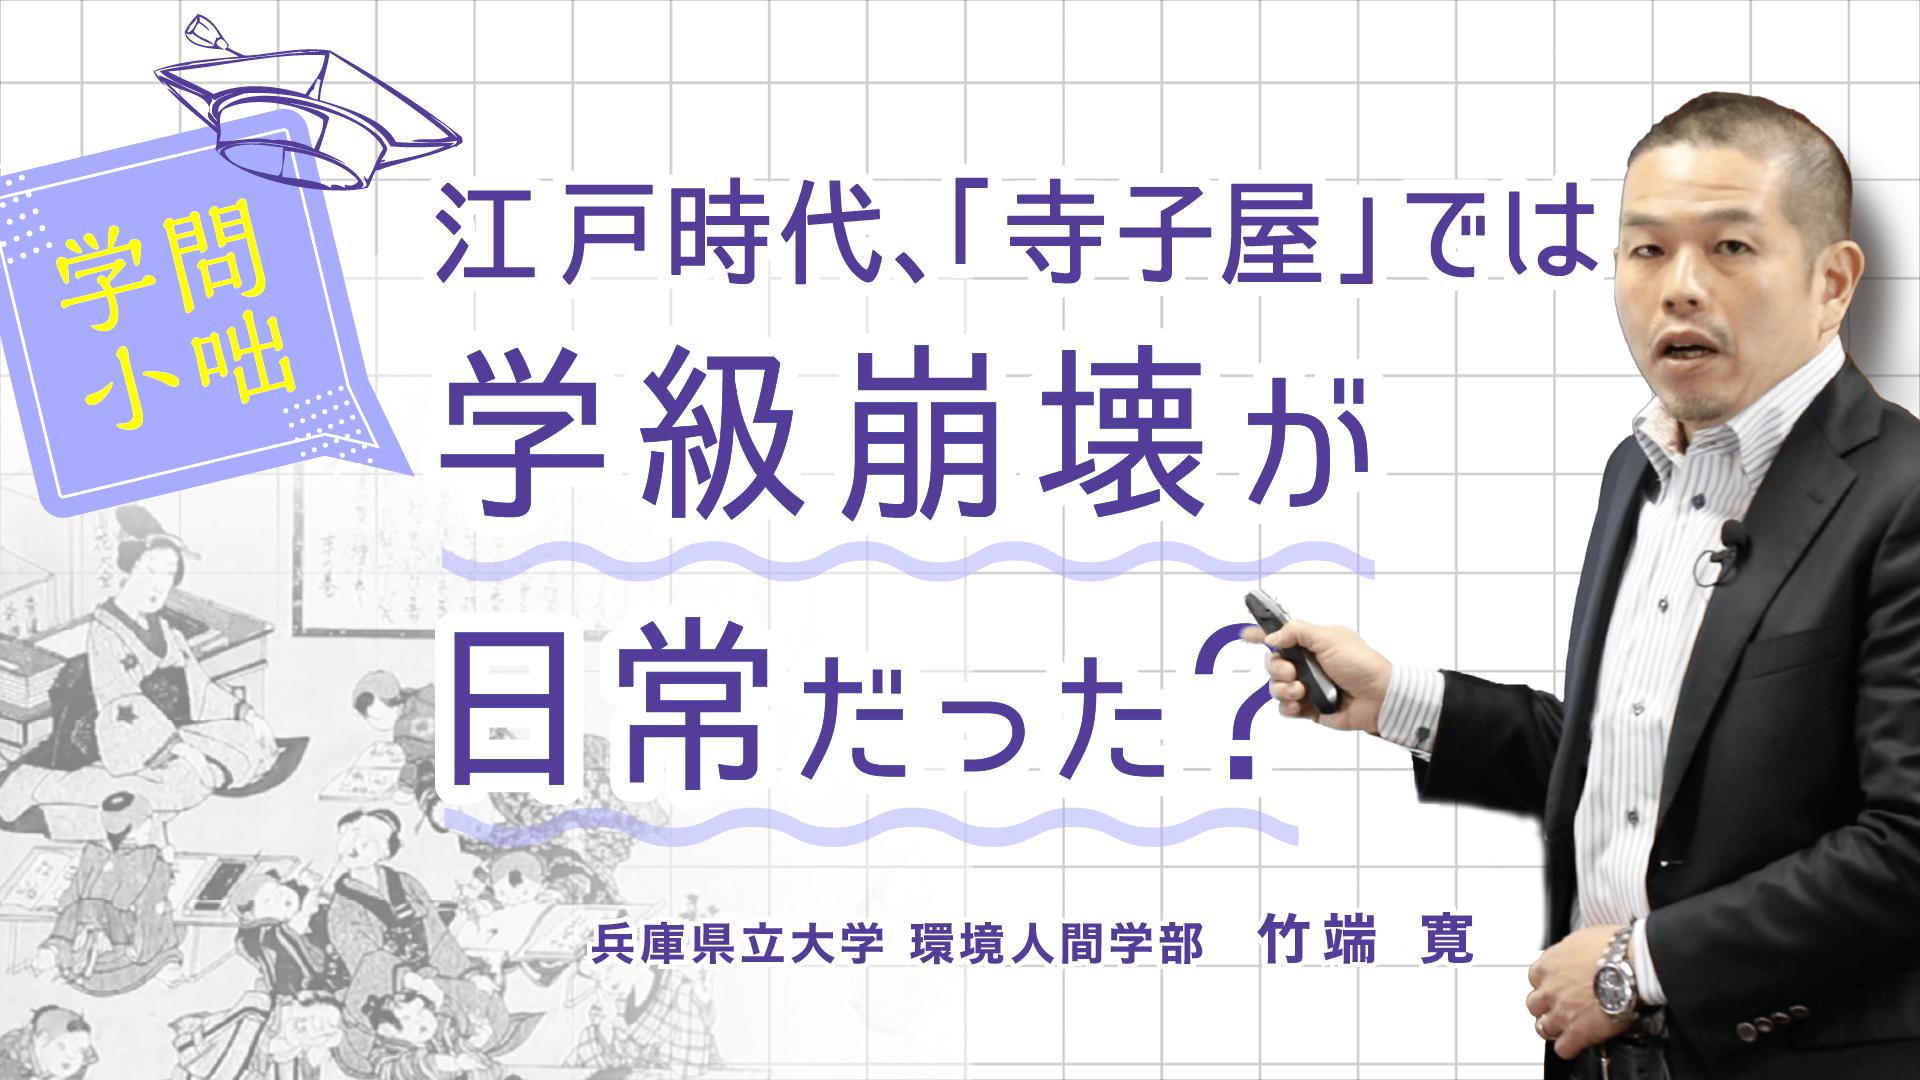 【学問小咄】福祉社会学「『学級崩壊』ってほんまかいな?」竹端寛(兵庫県立大学環境人間学部)